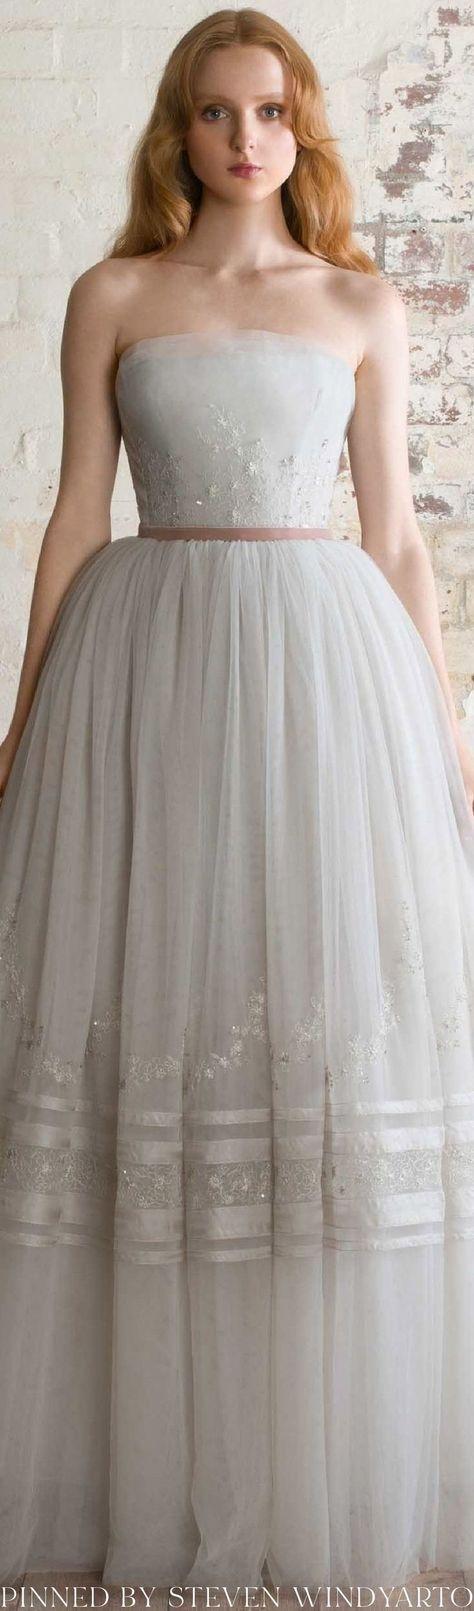 Paolo Sebastian Fall 2020 Couture Lookbook #fall2020couture #fw20 #womenswear #hautecouture #paolosebastian